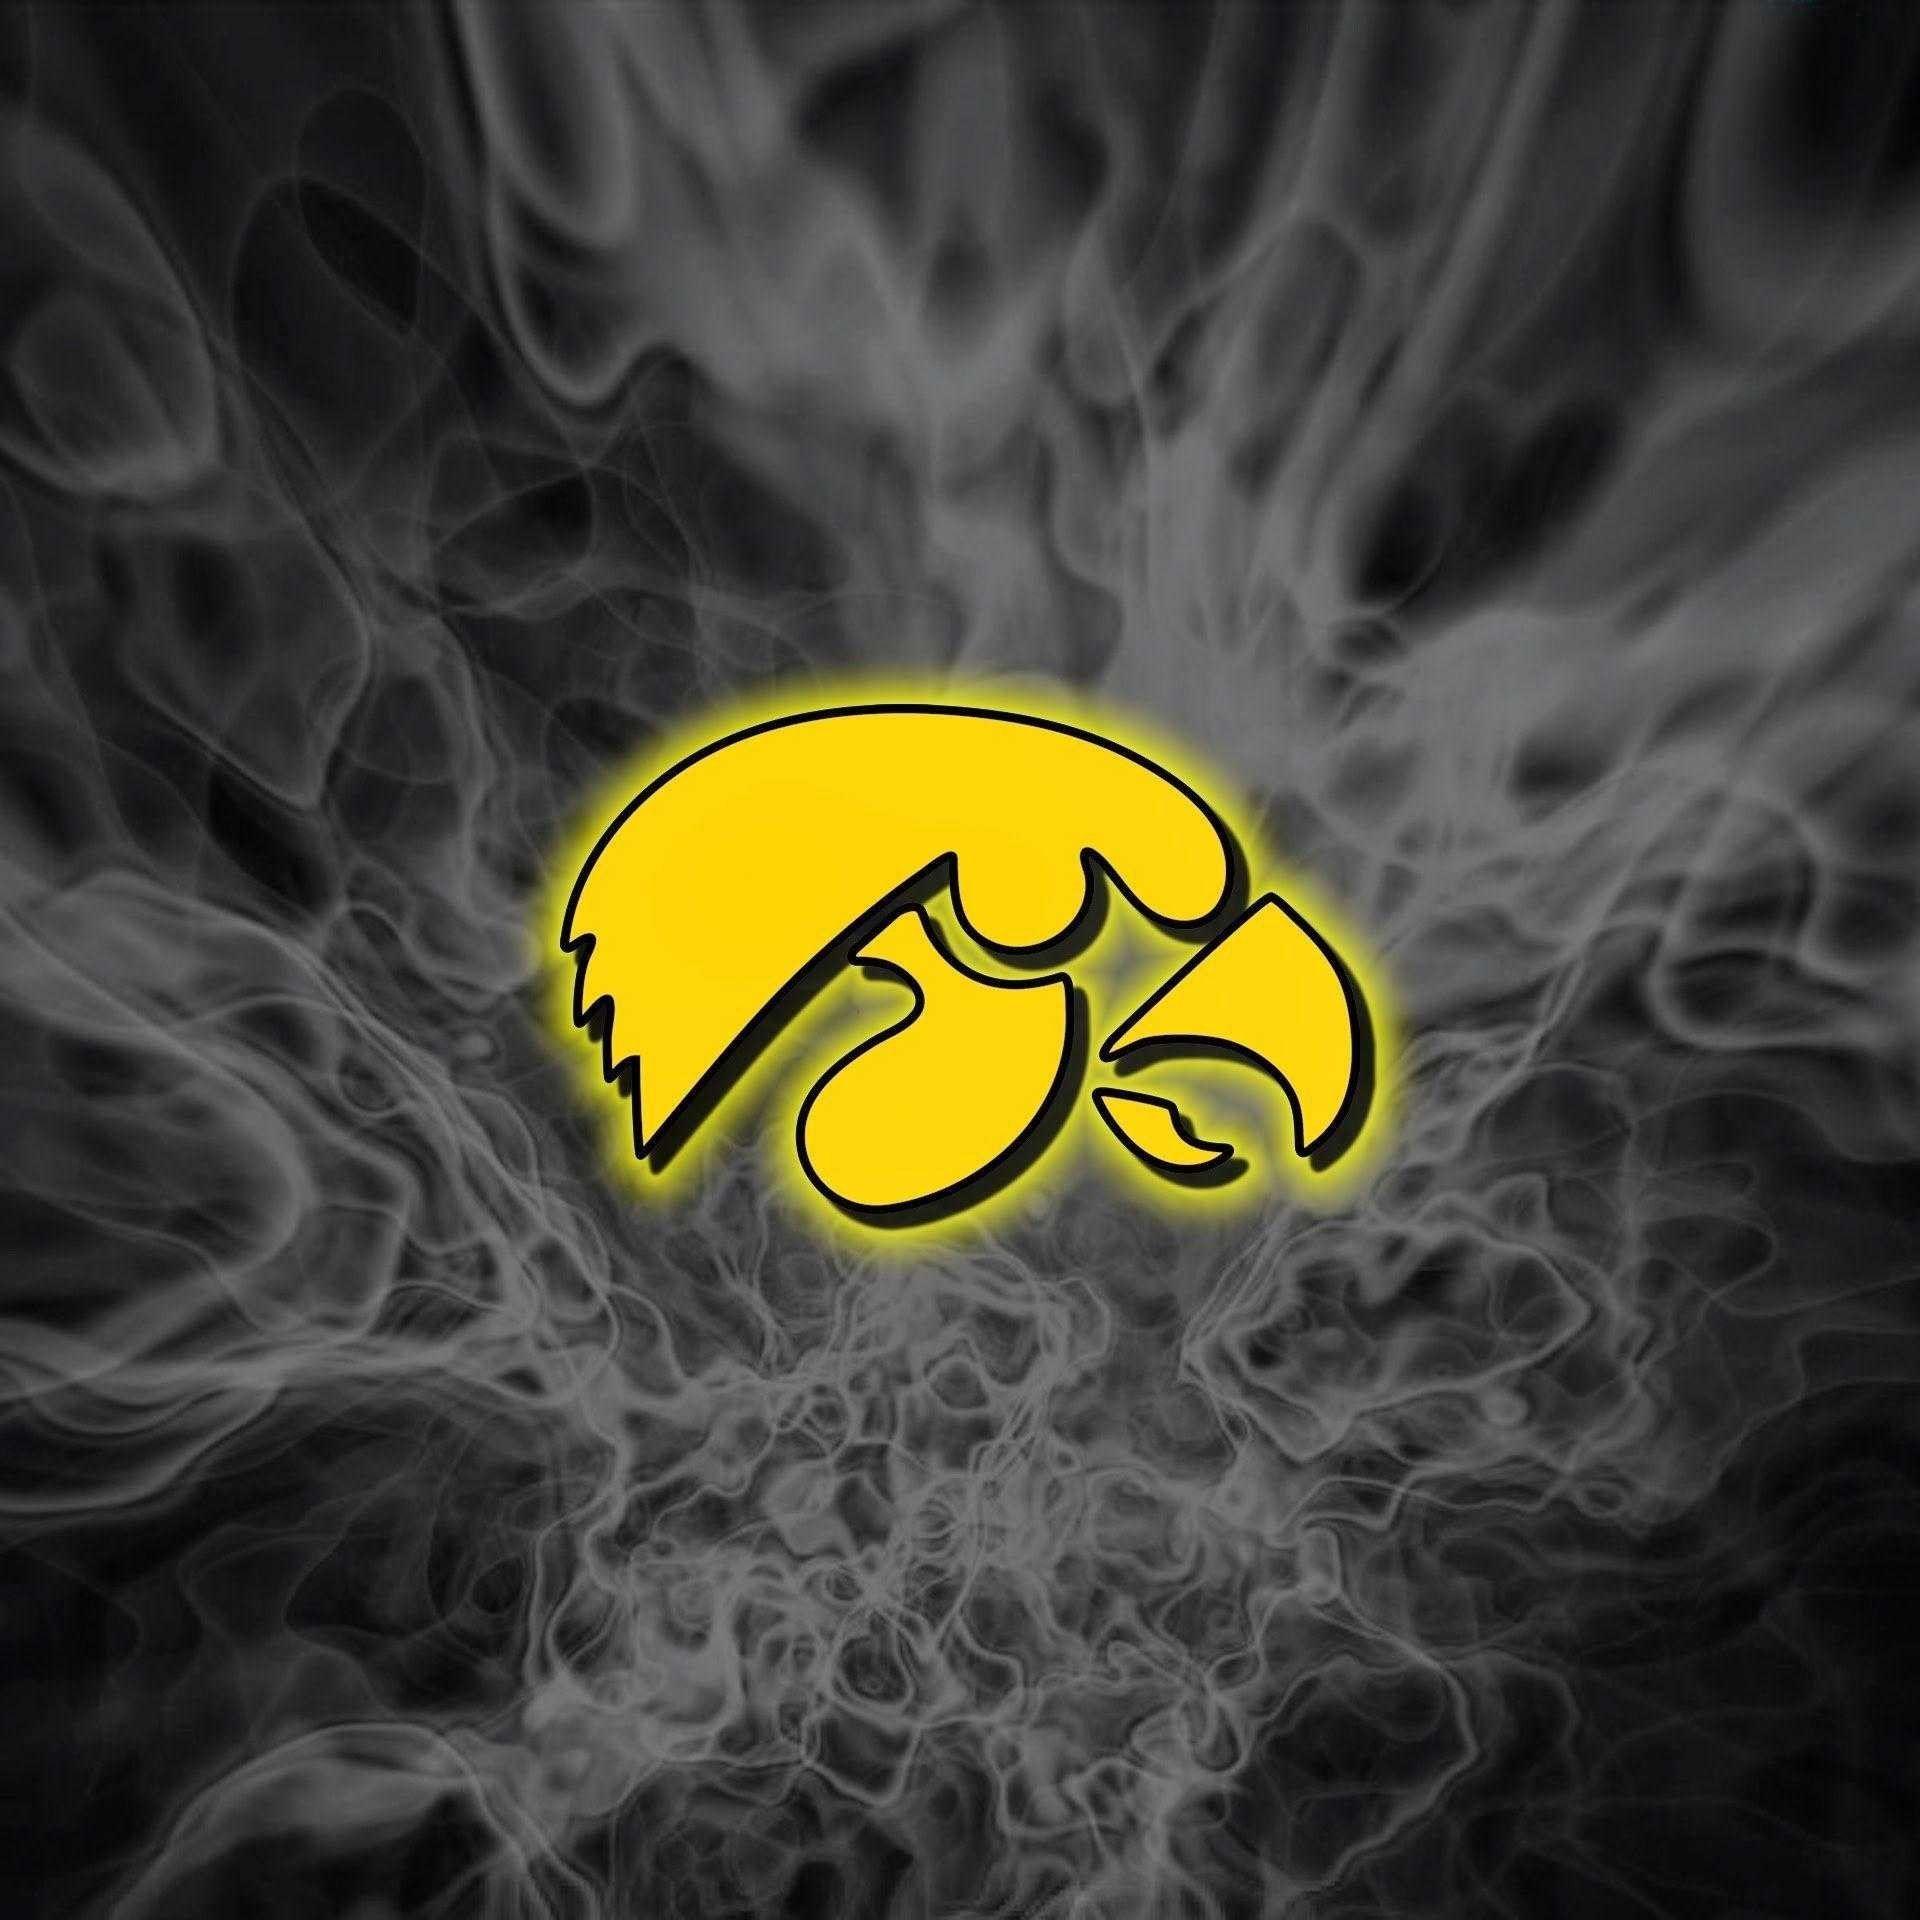 Iowa Hawkeyes Wallpapers - Top Free